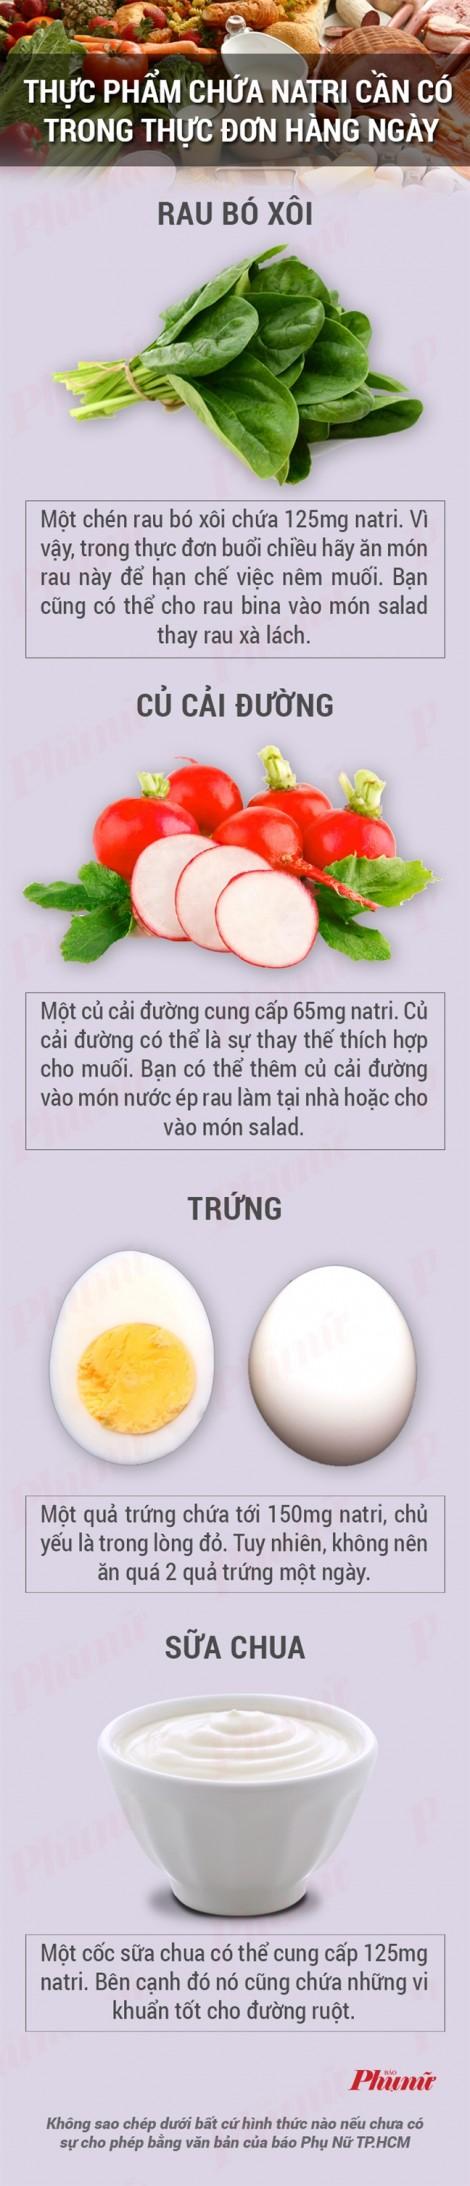 Thực phẩm chứa nhiều natri cần có trong thực đơn hàng ngày